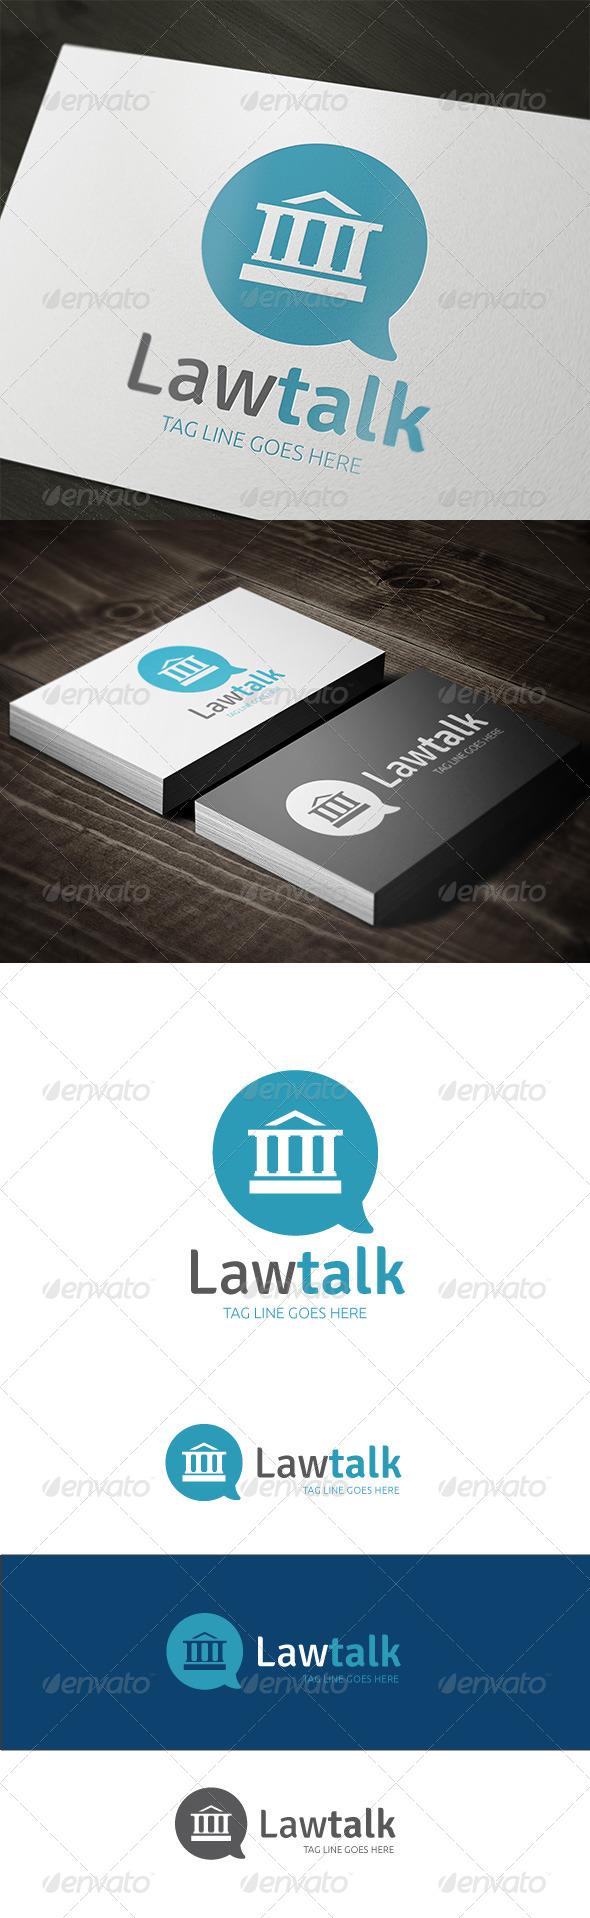 GraphicRiver Law Talk 7469608